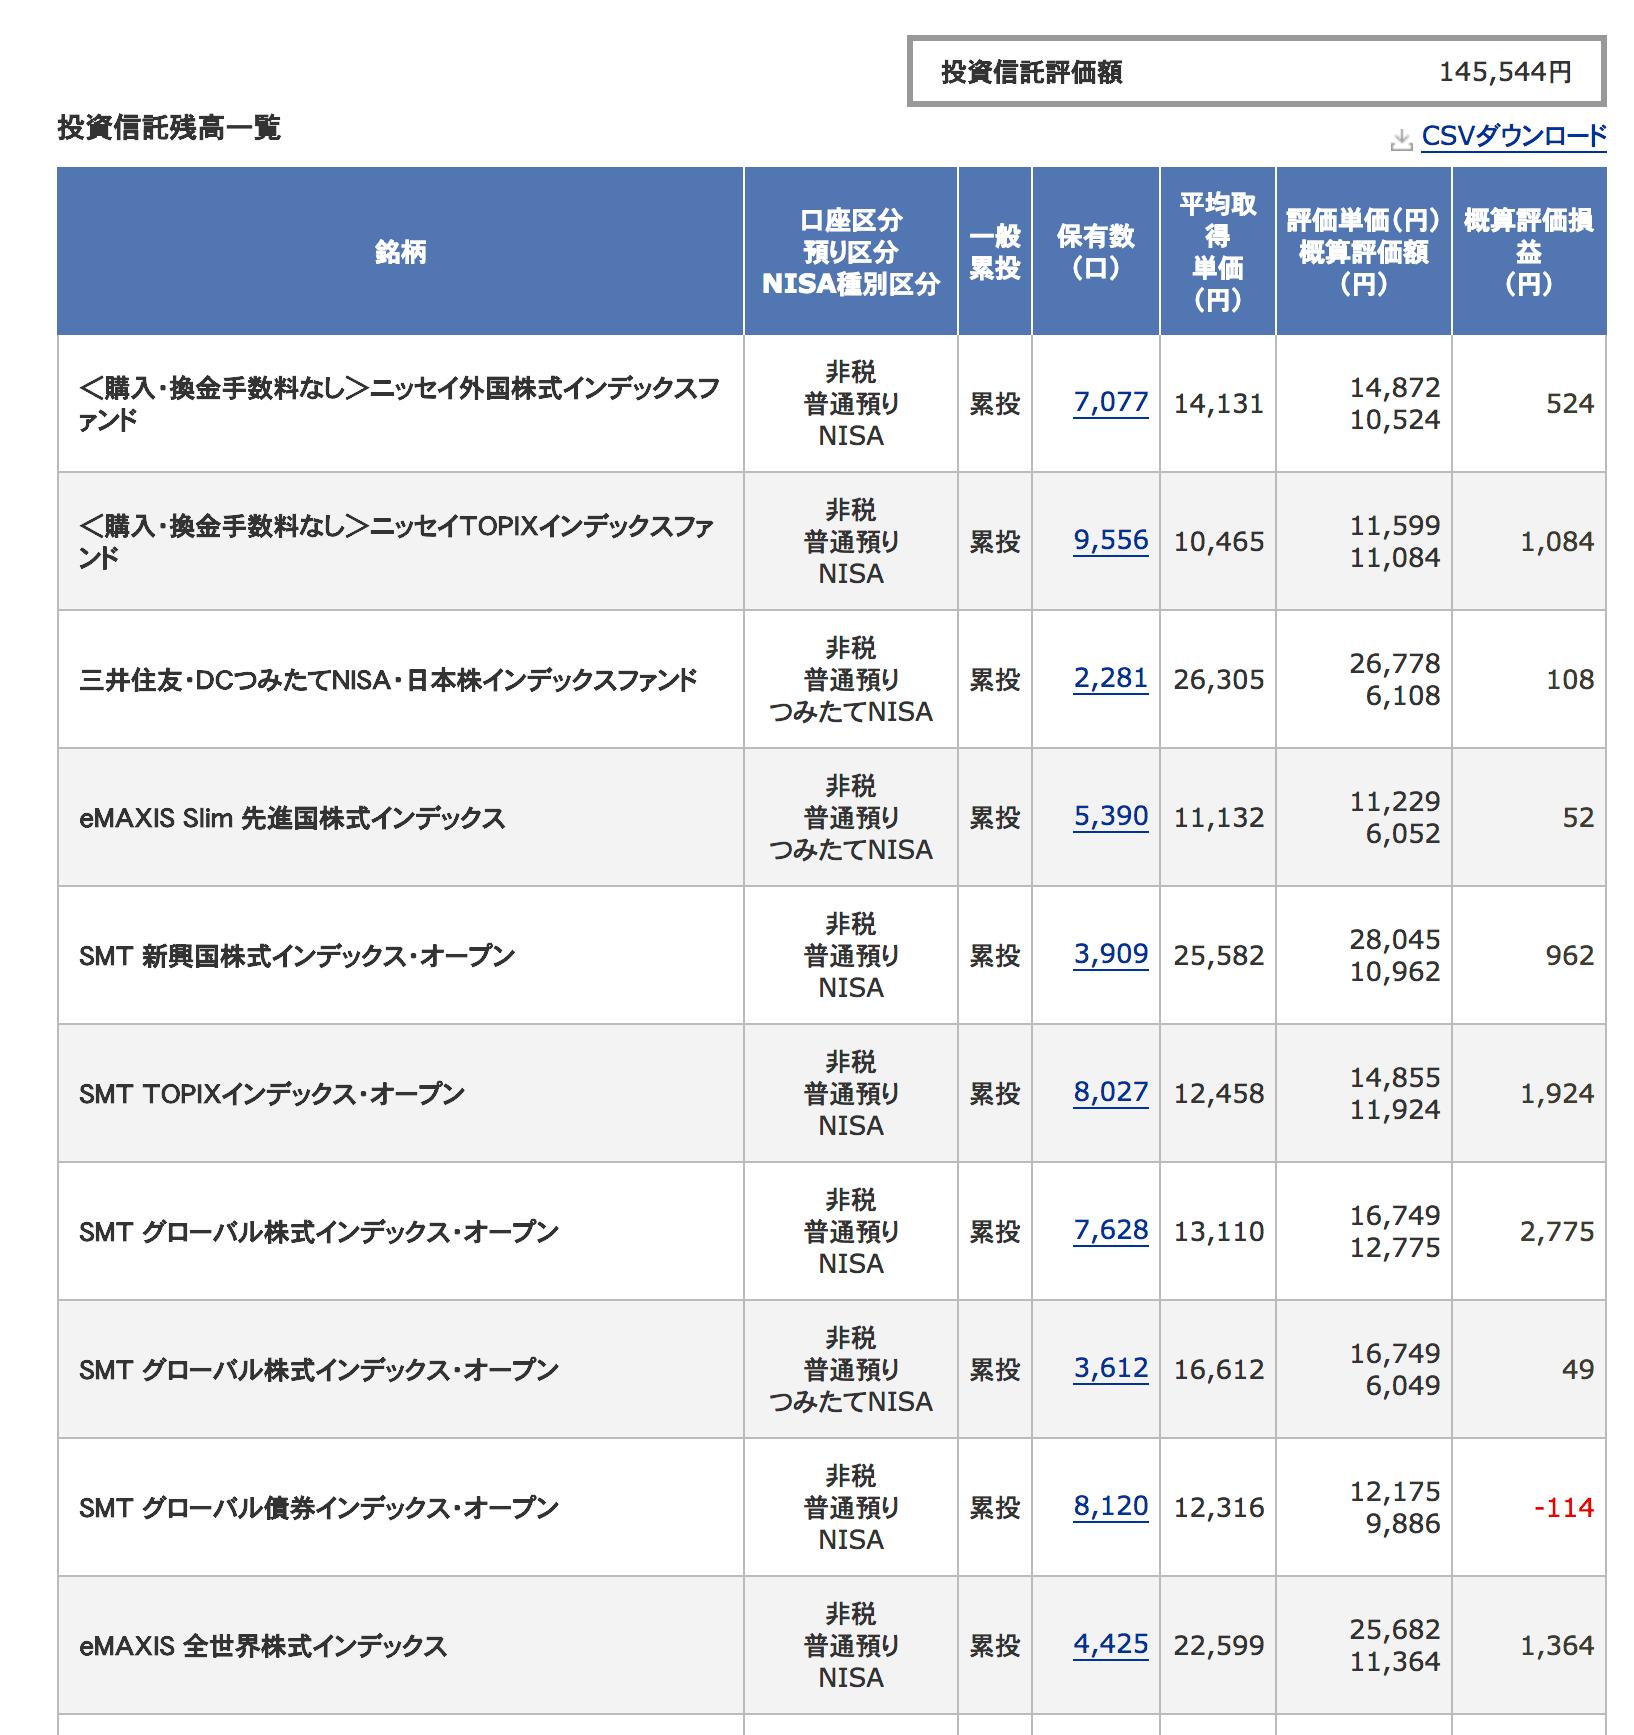 投資信託結果 20180430-1